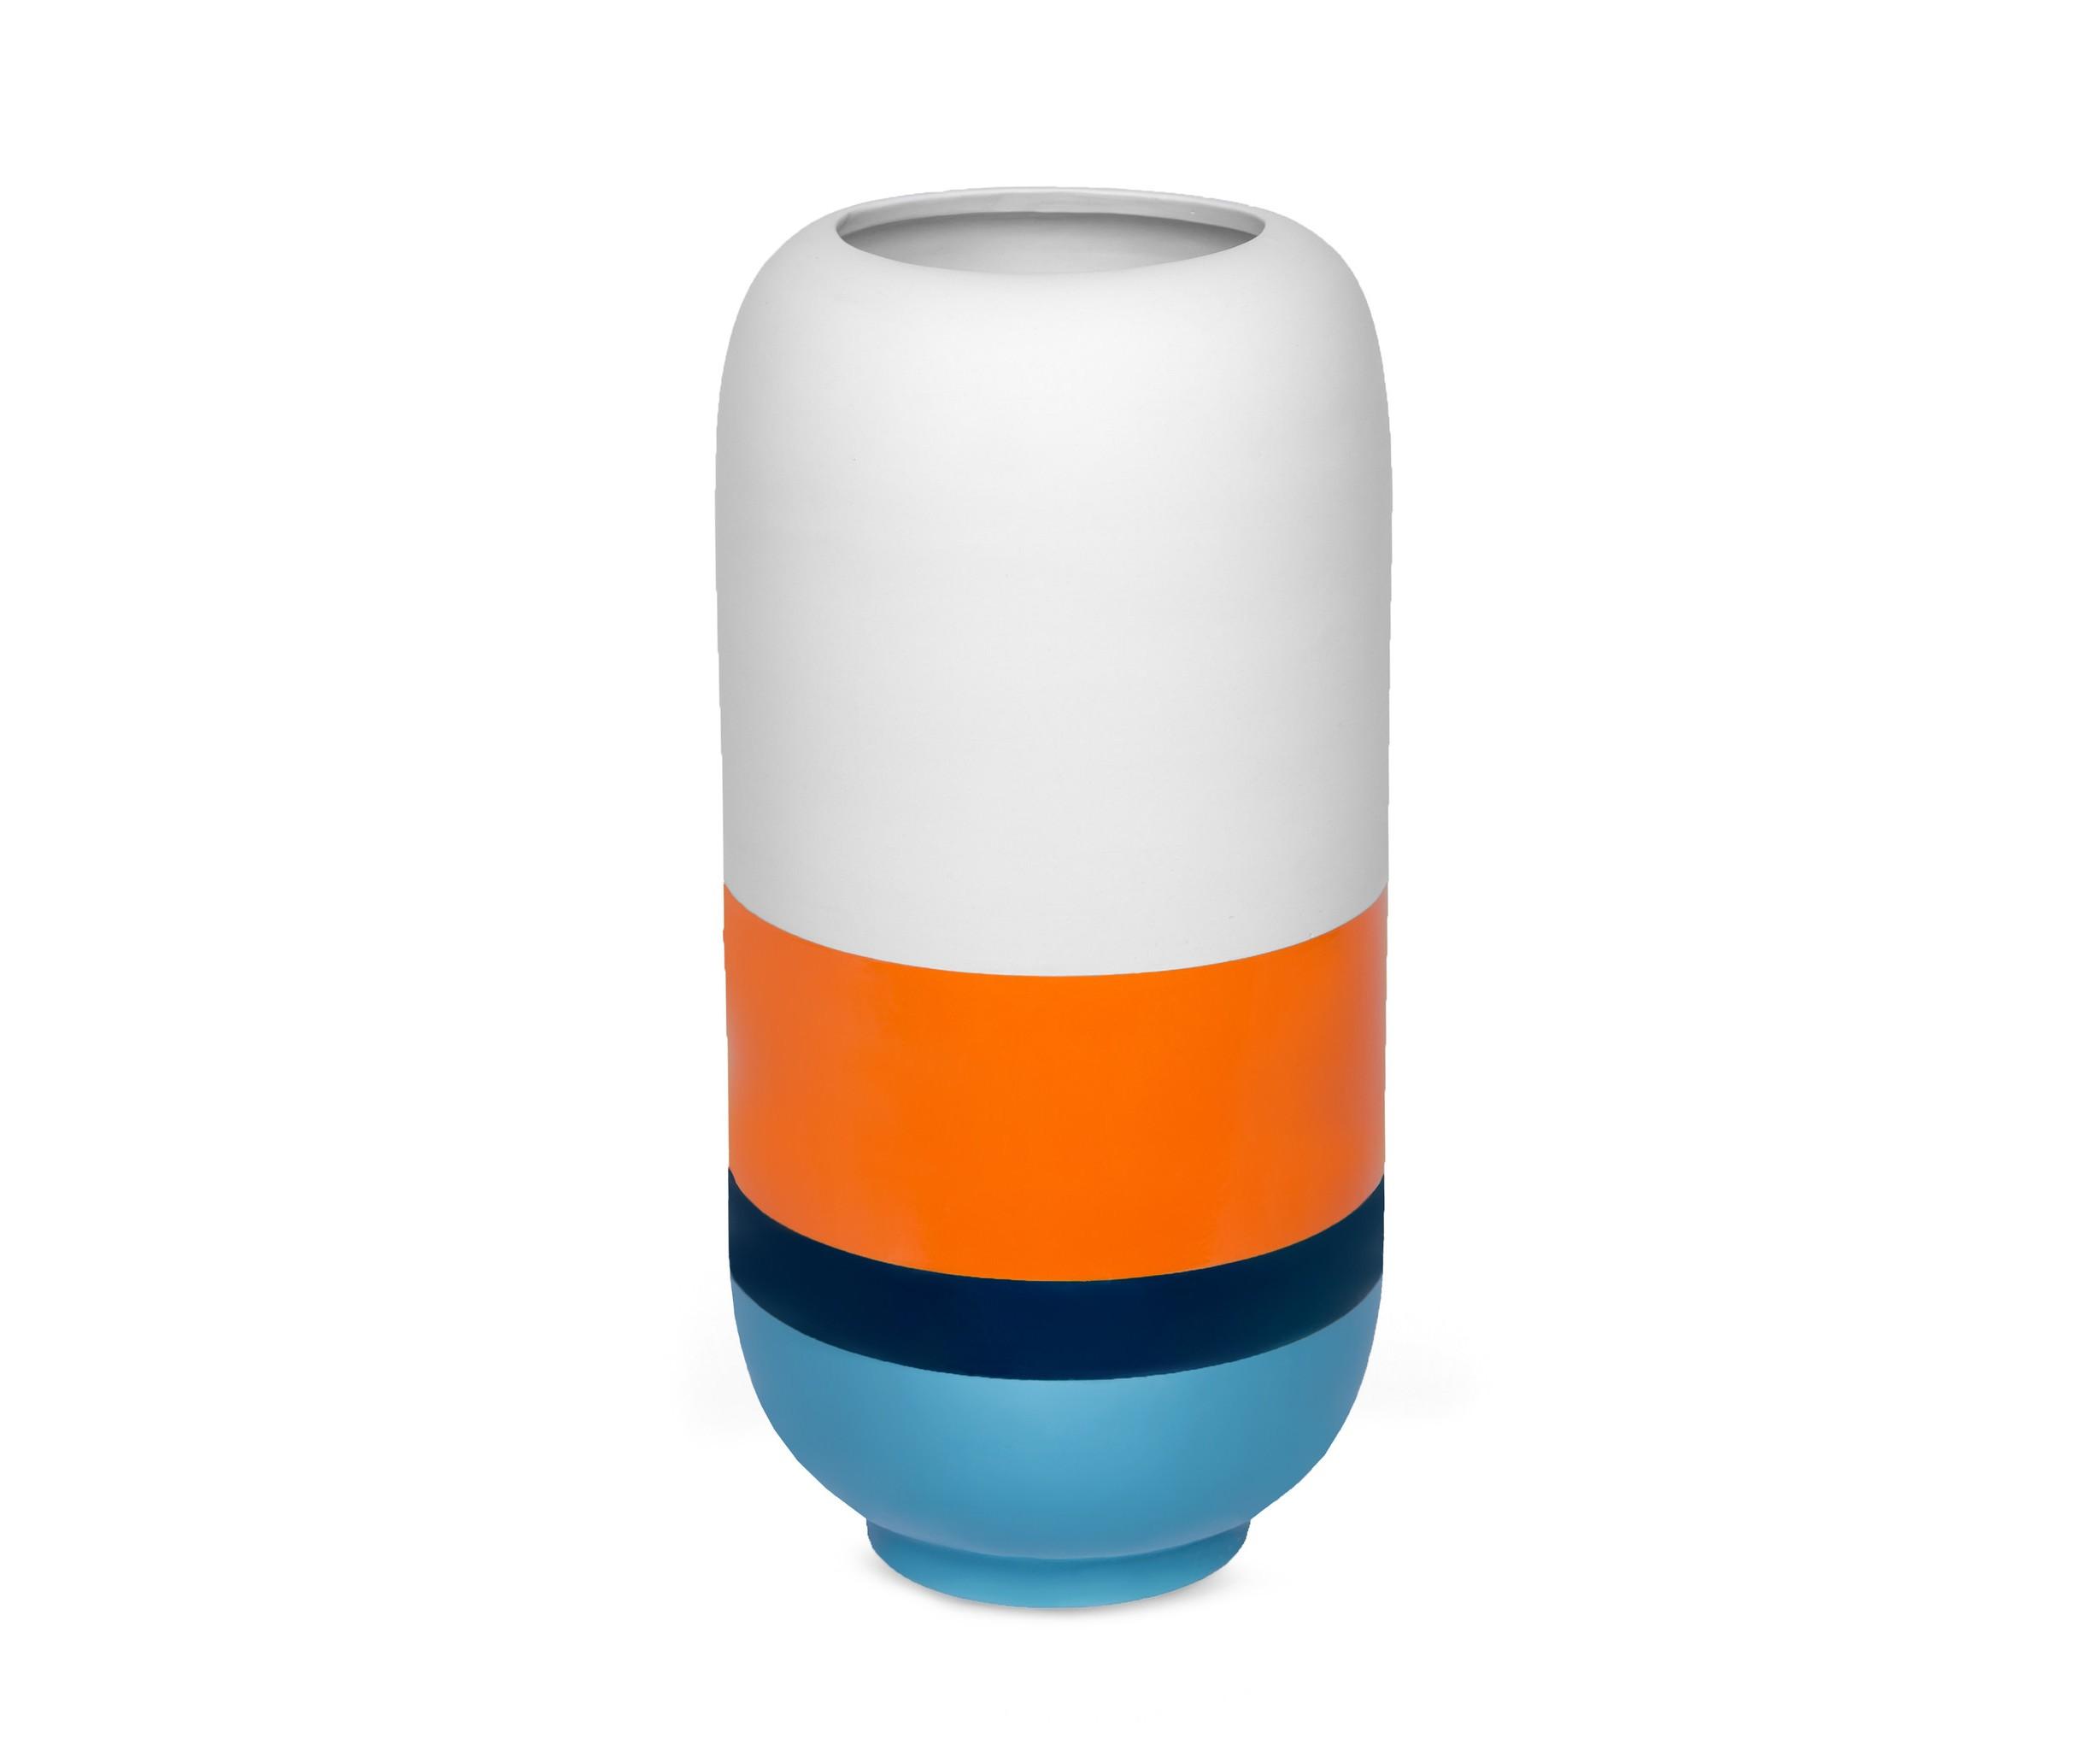 Ваза для цветовВазы<br>Новинка от Woodi Furniture — объемная ваза в стиле 50-х, яркая и запоминающаяся.<br><br>Material: Керамика<br>Ширина см: 20<br>Высота см: 40<br>Глубина см: 20